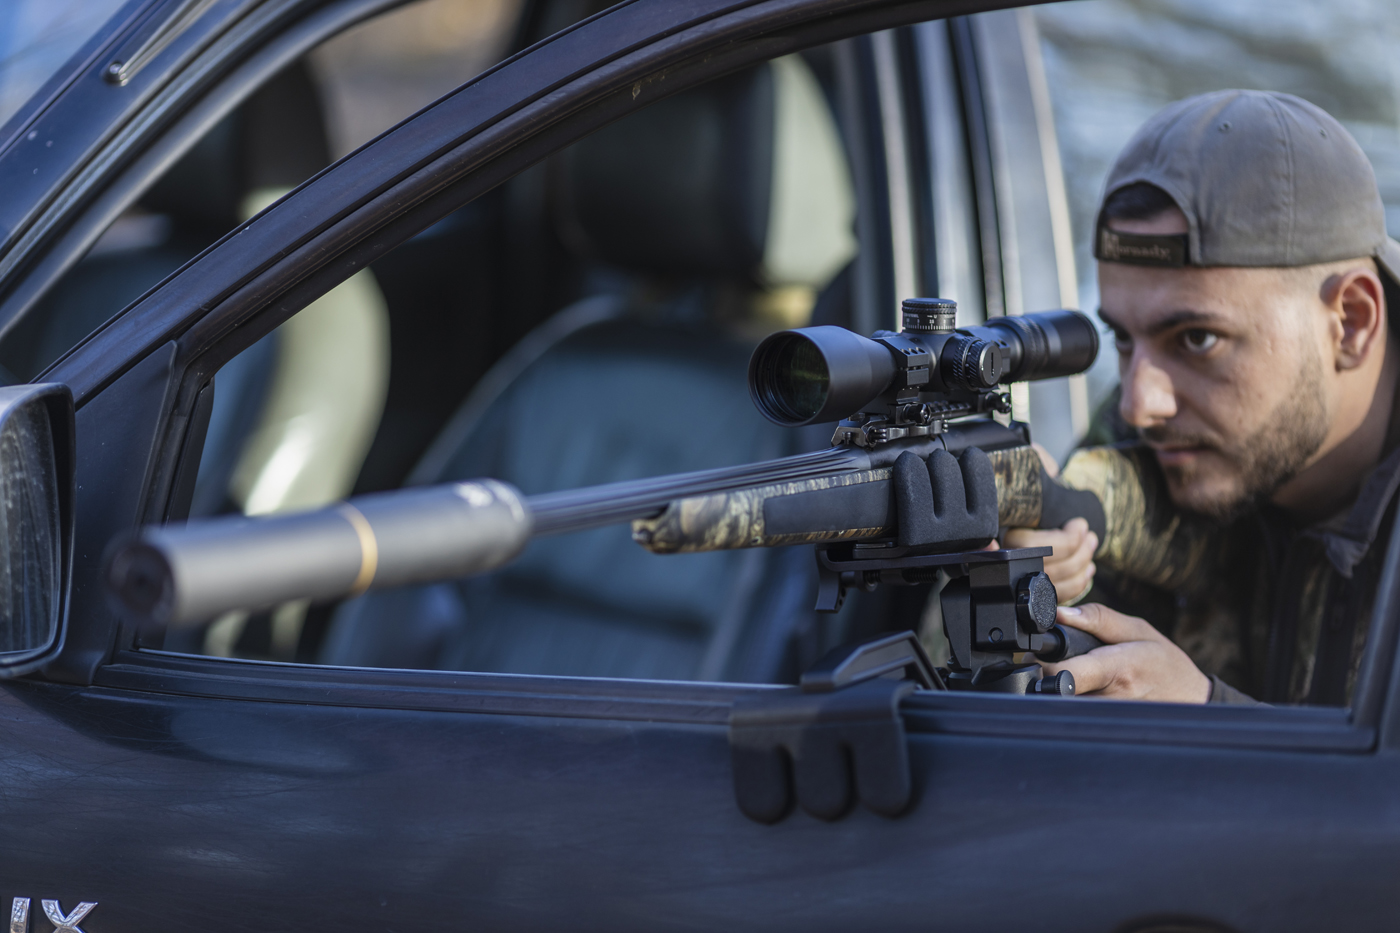 KOPFJ-GER-Ambush-Shooting-Rest-Kit-includes-bipod-and-Reaper-Grip-KJ85005KxQ7W0nEeaF5pS